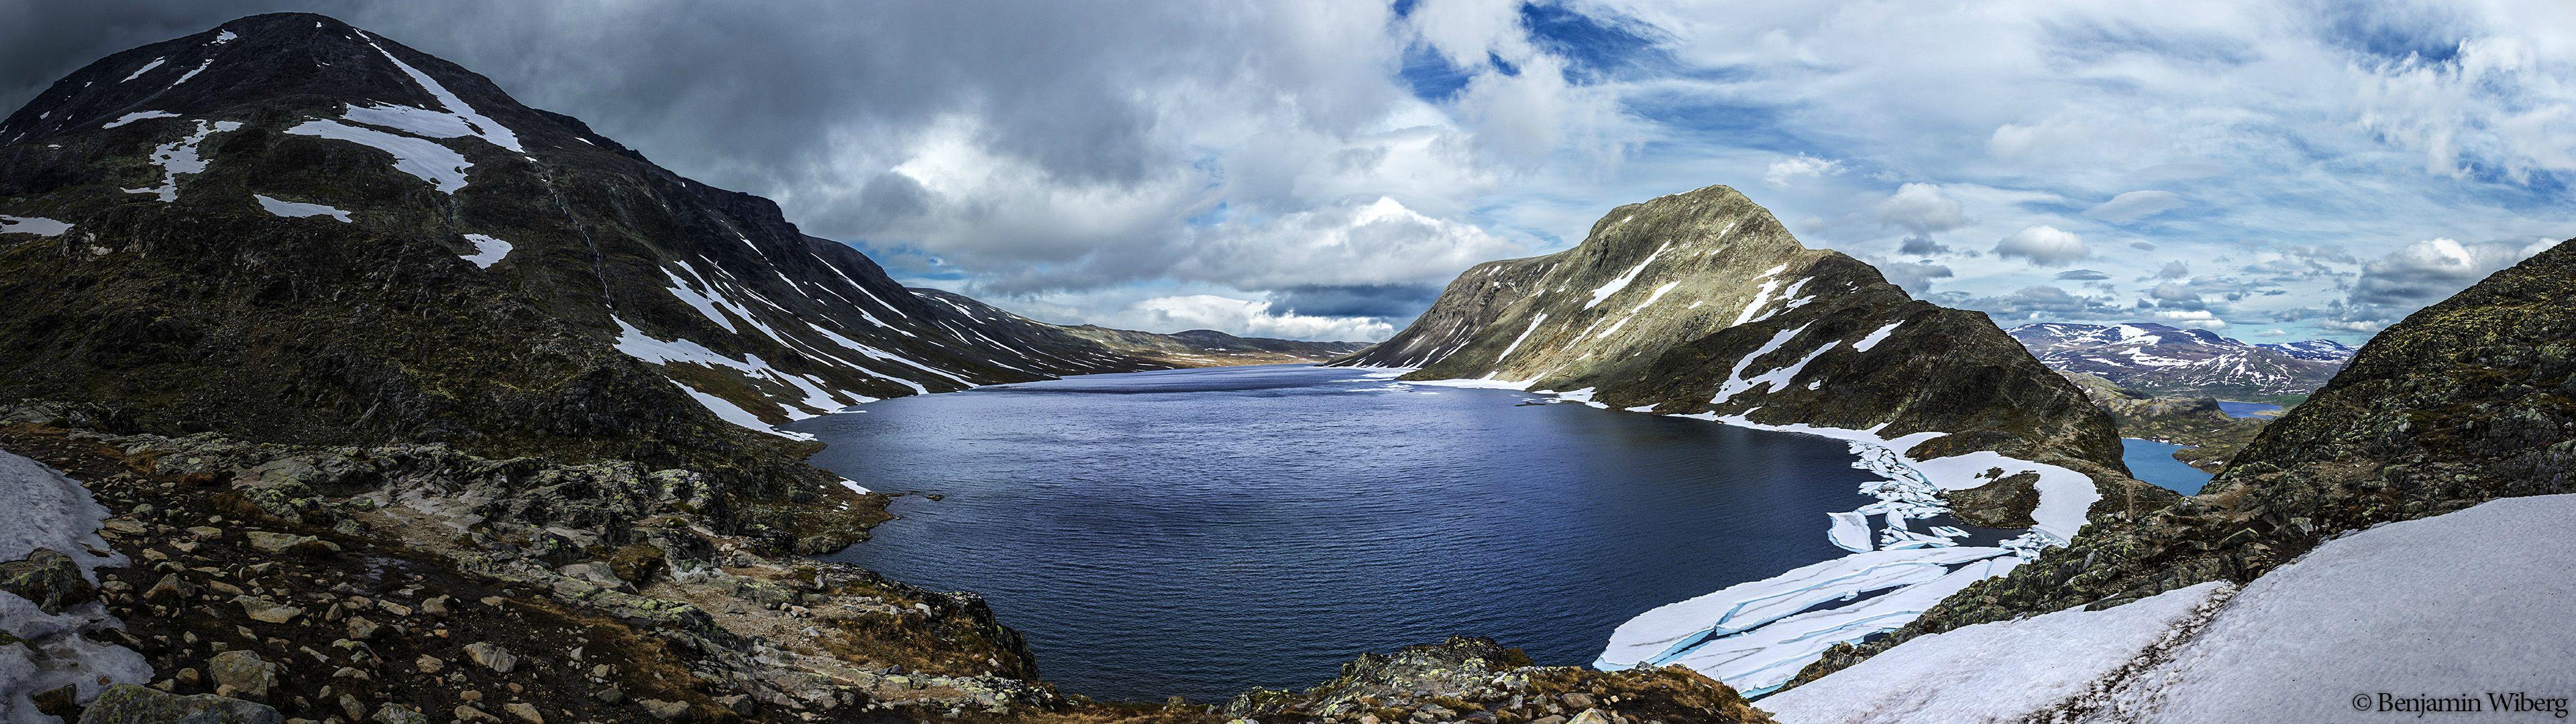 Загадочные горы Норвегии. Обзор района + фотографии